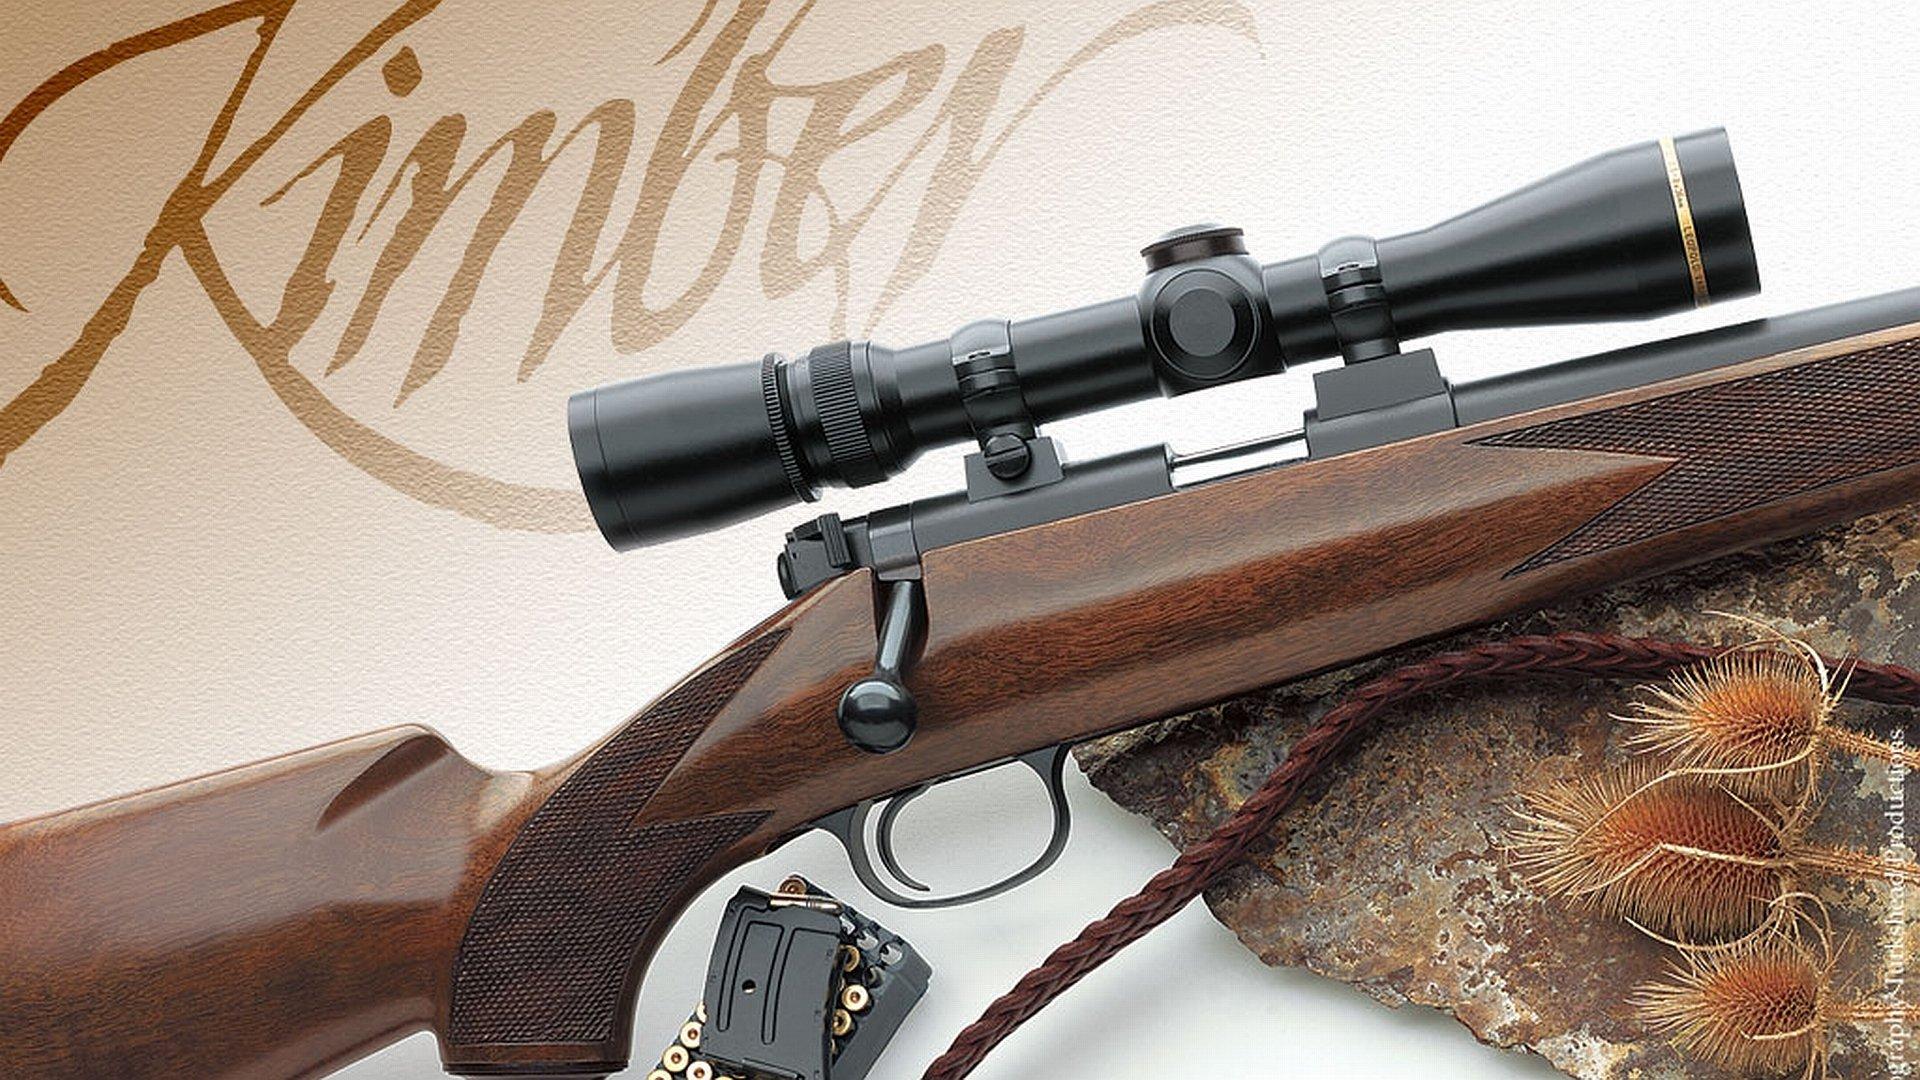 1920x1080 > Kimber Rifle Wallpapers